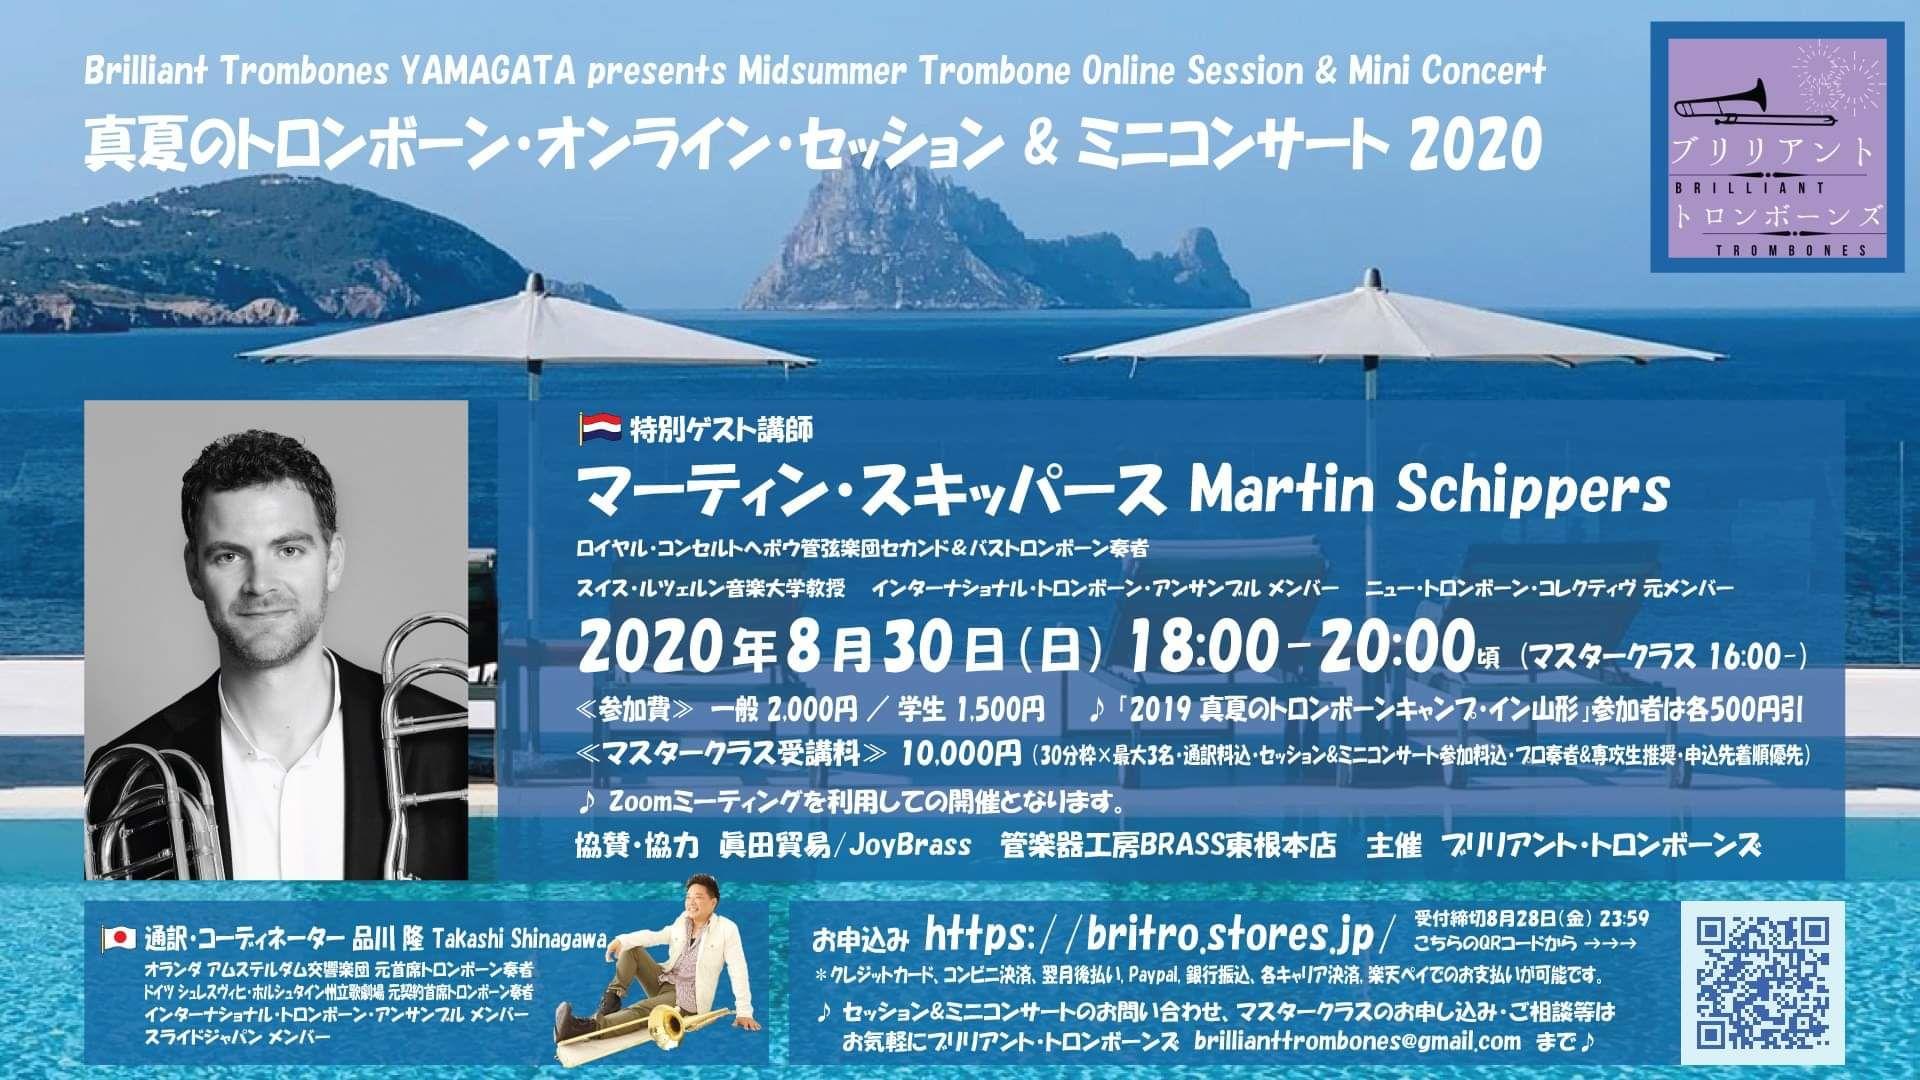 真夏のトロンボーン・オンライン・セッション&ミニコンサート2020